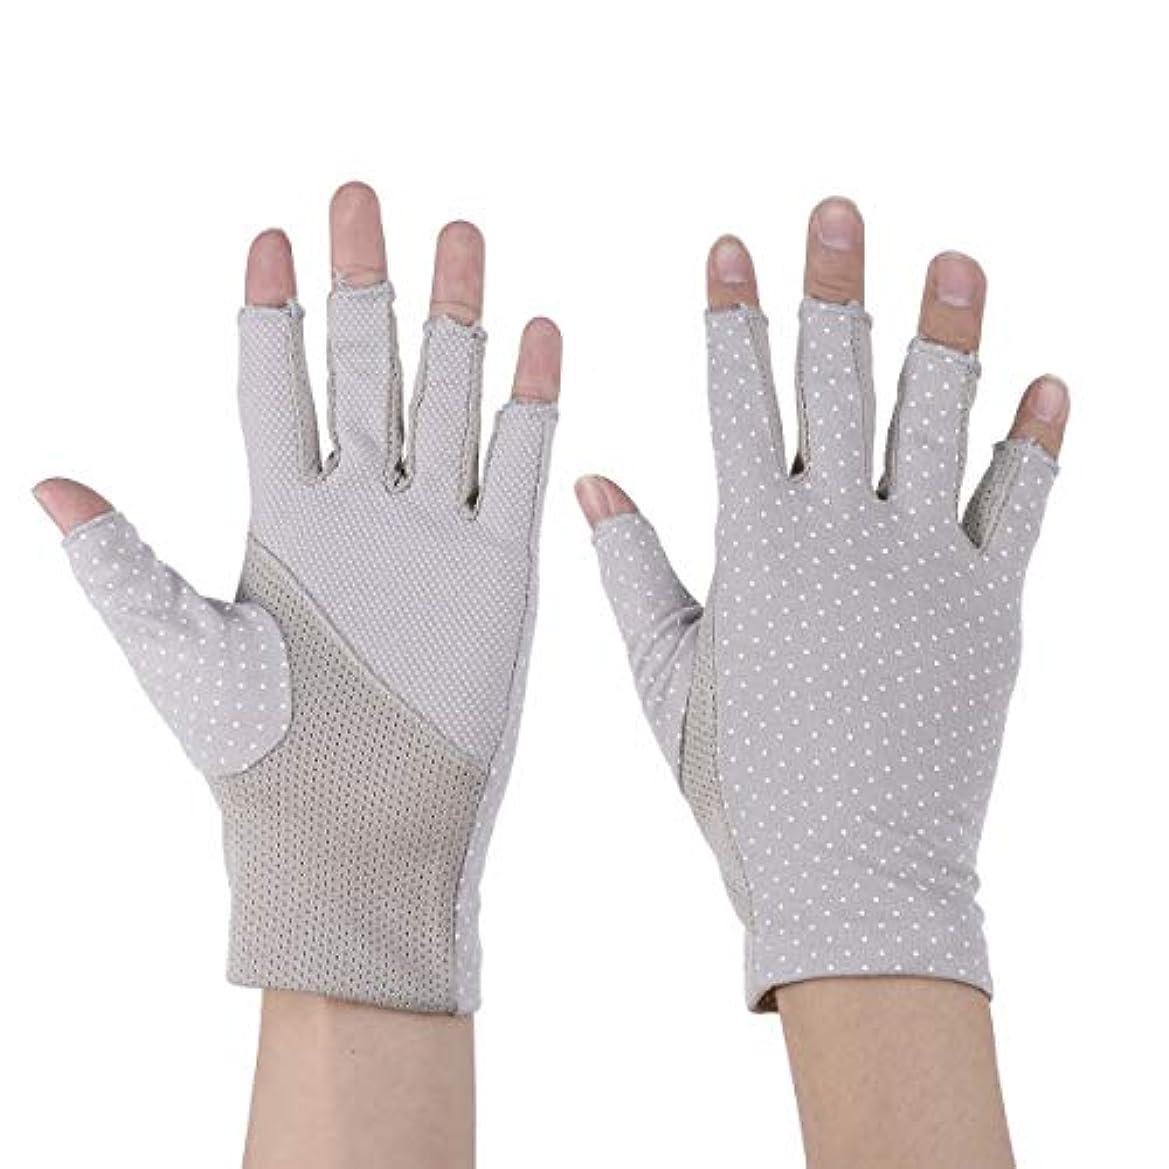 ラテン付けるかんたんHealifty 1ペア日焼け止め手袋ワークアウトミトンハーフフィンガー紫外線保護手袋用サイクリンググレー